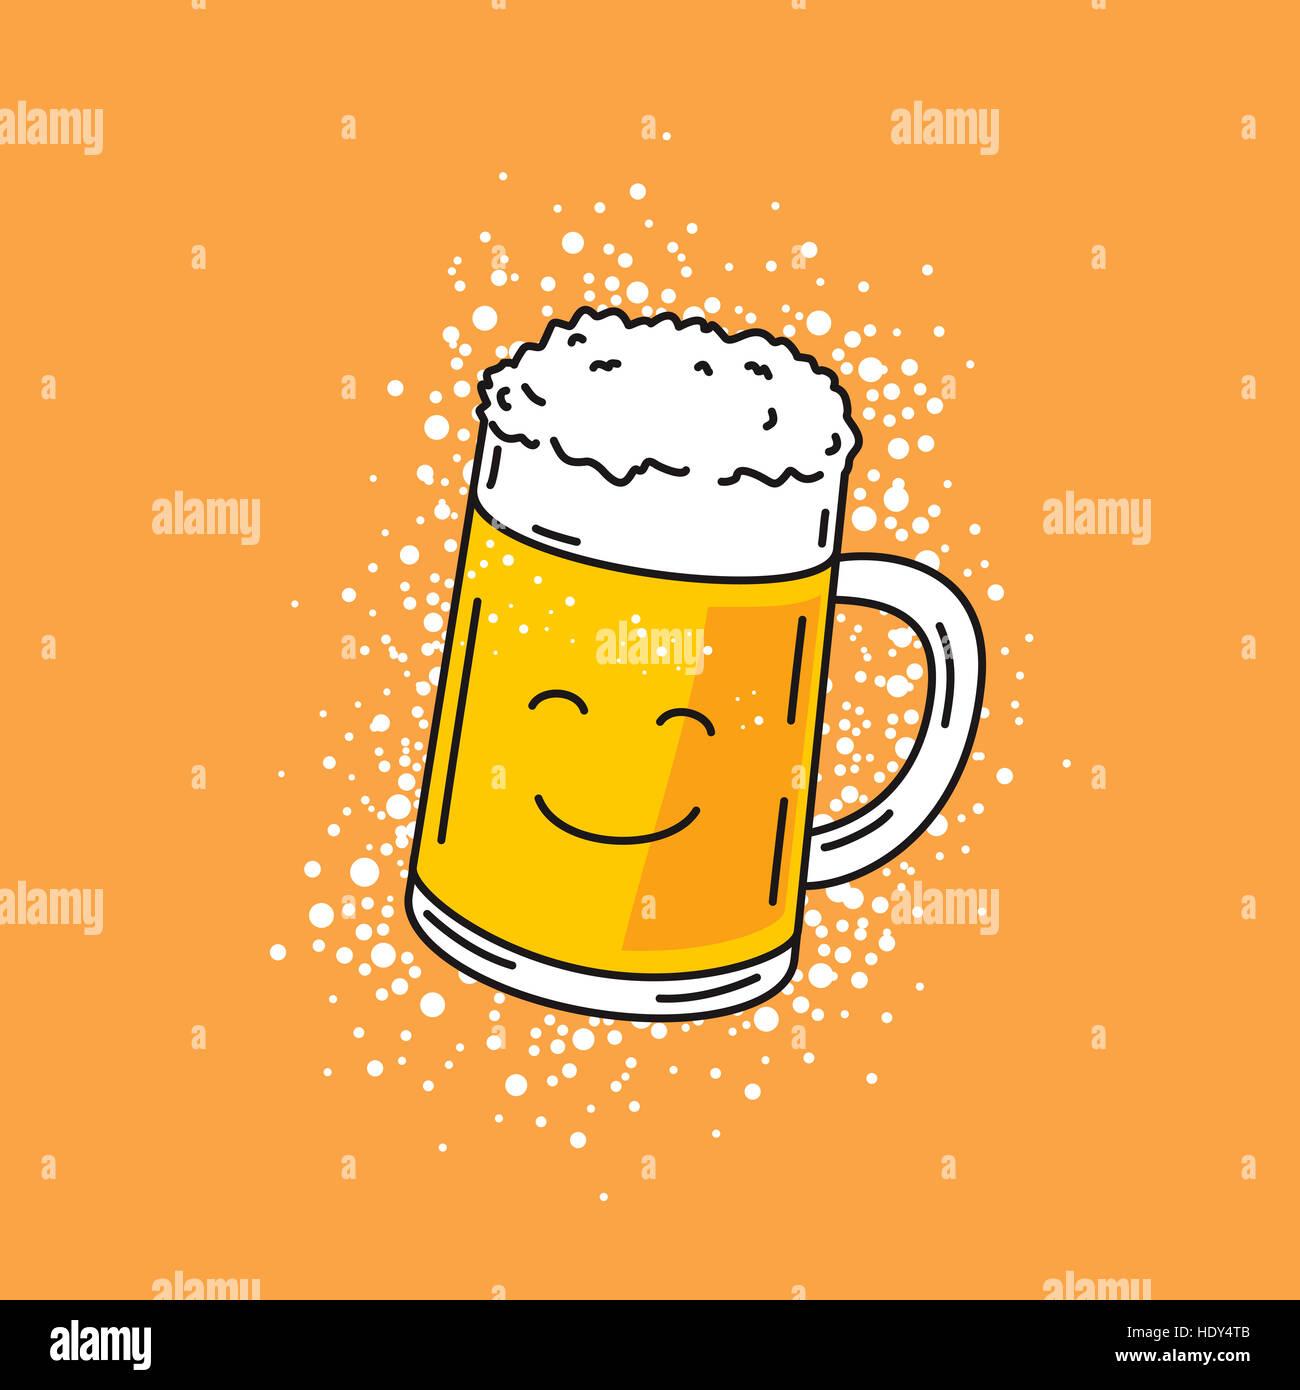 Cartoon Illustrazione Di Carino Sorridente Boccale Di Birra Su